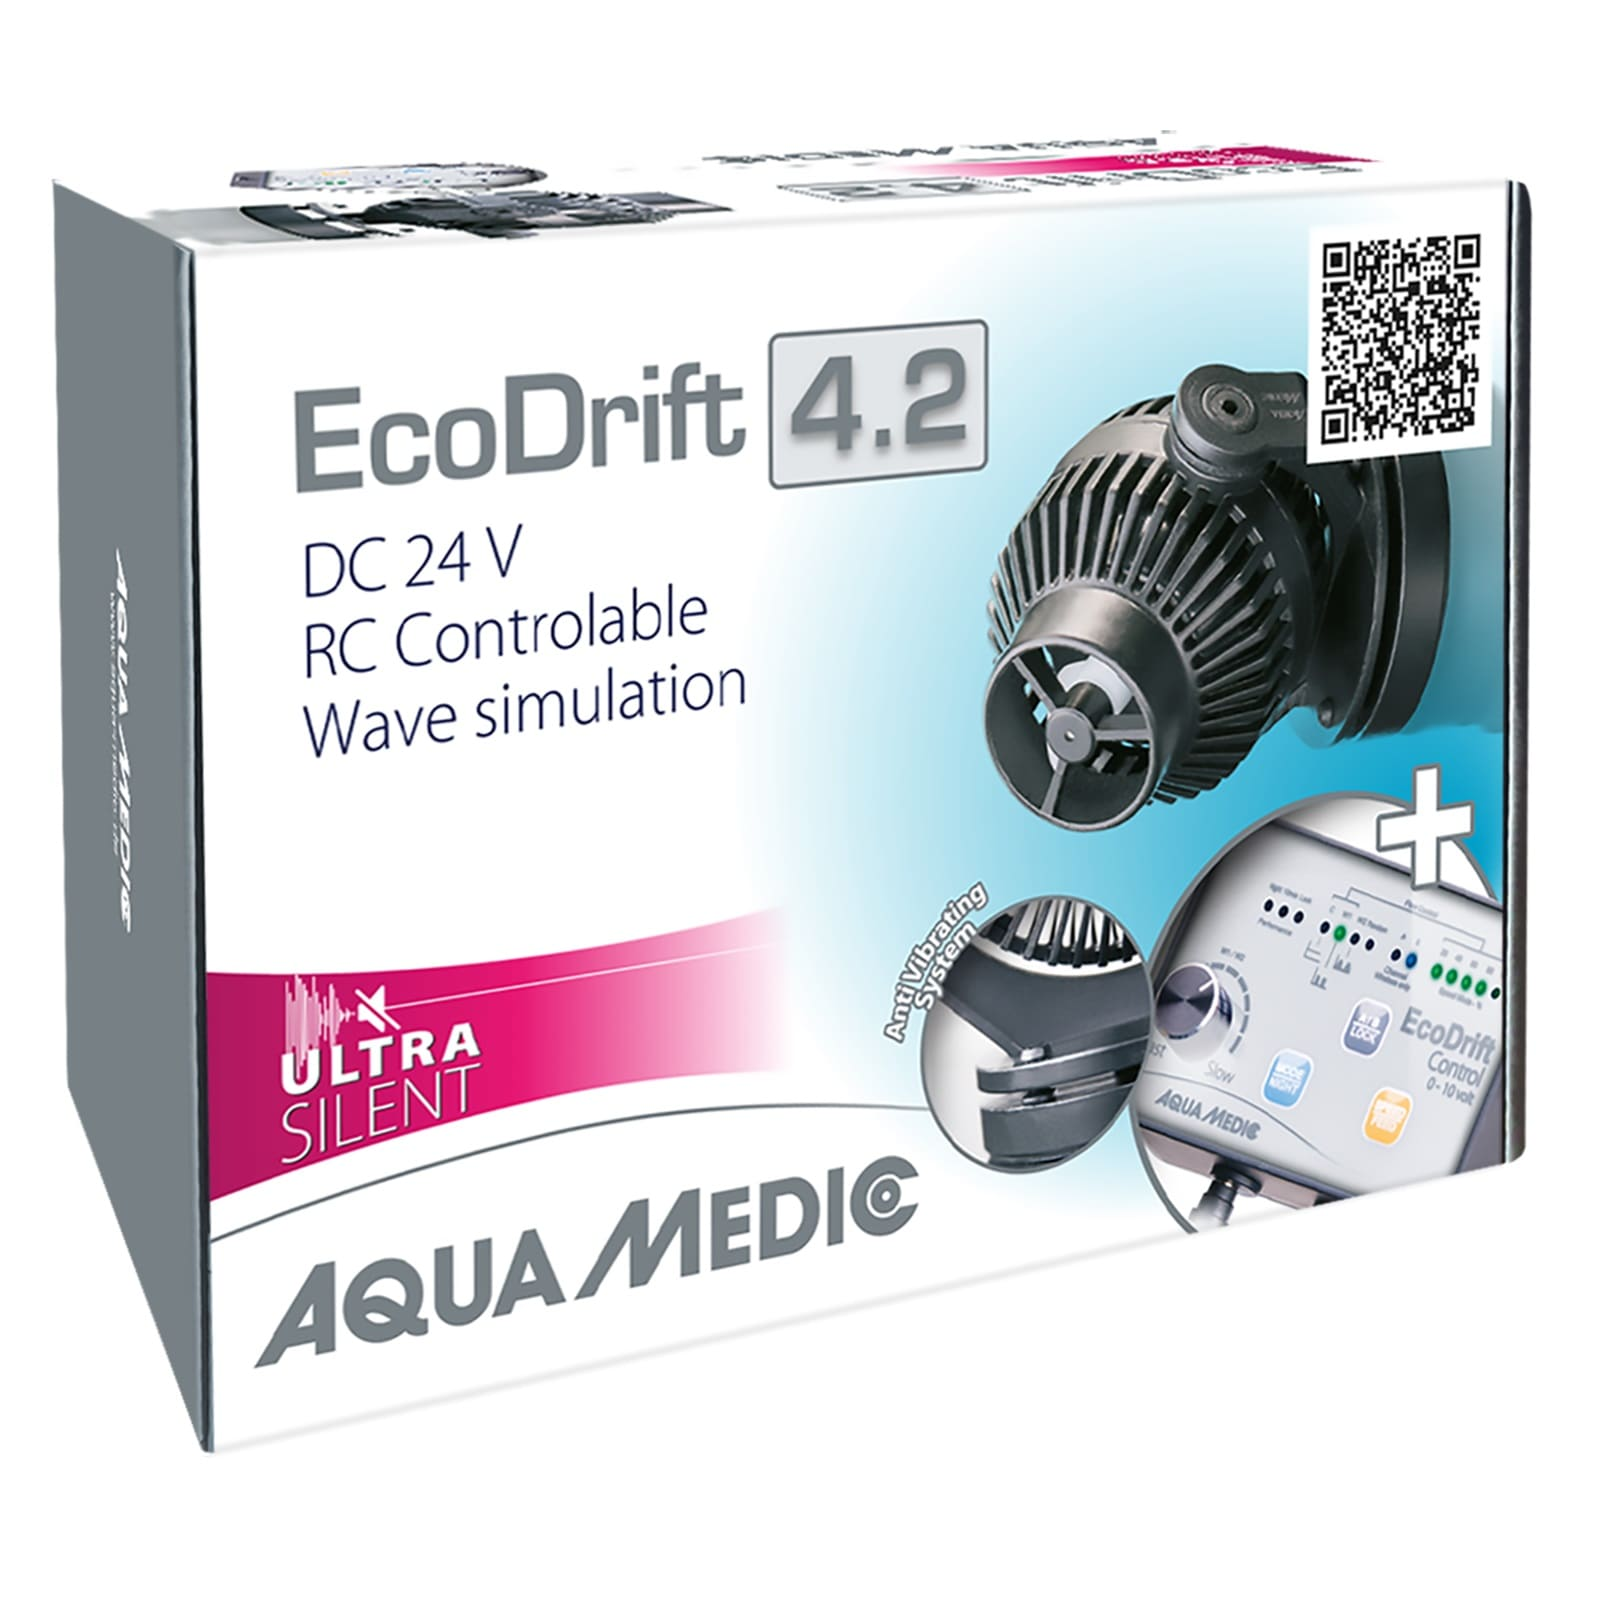 AQUA MEDIC ECODrift 4.2 Ultra Silent pompe de brassage 800 à 4000 L/h avec contrôleur électronique pour aquarium jusqu\' à 300L